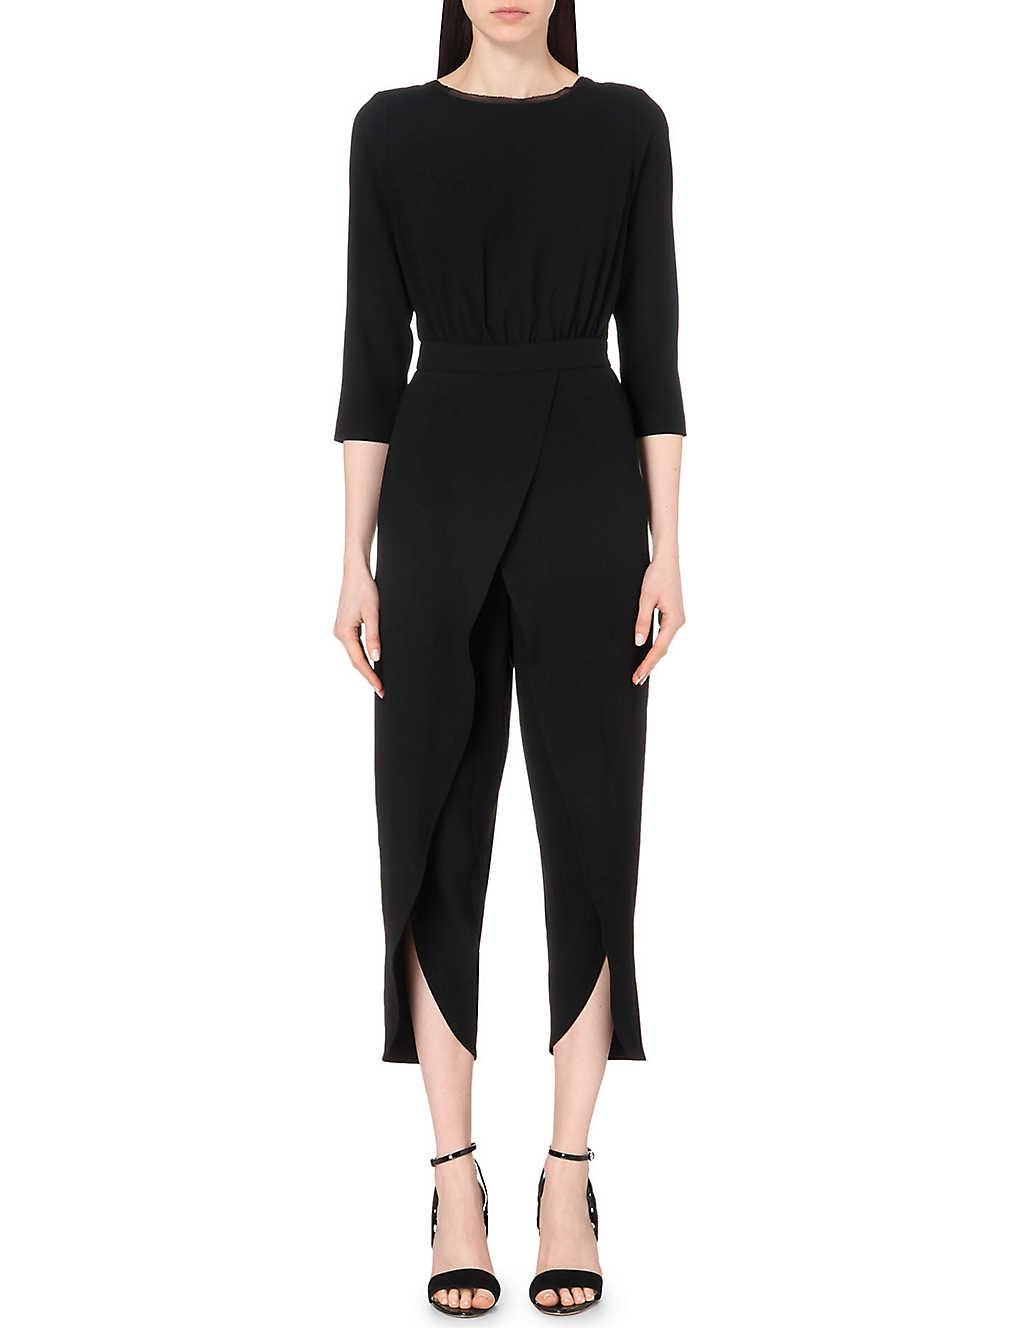 2b0297748ce REISS - Flo crepe jumpsuit